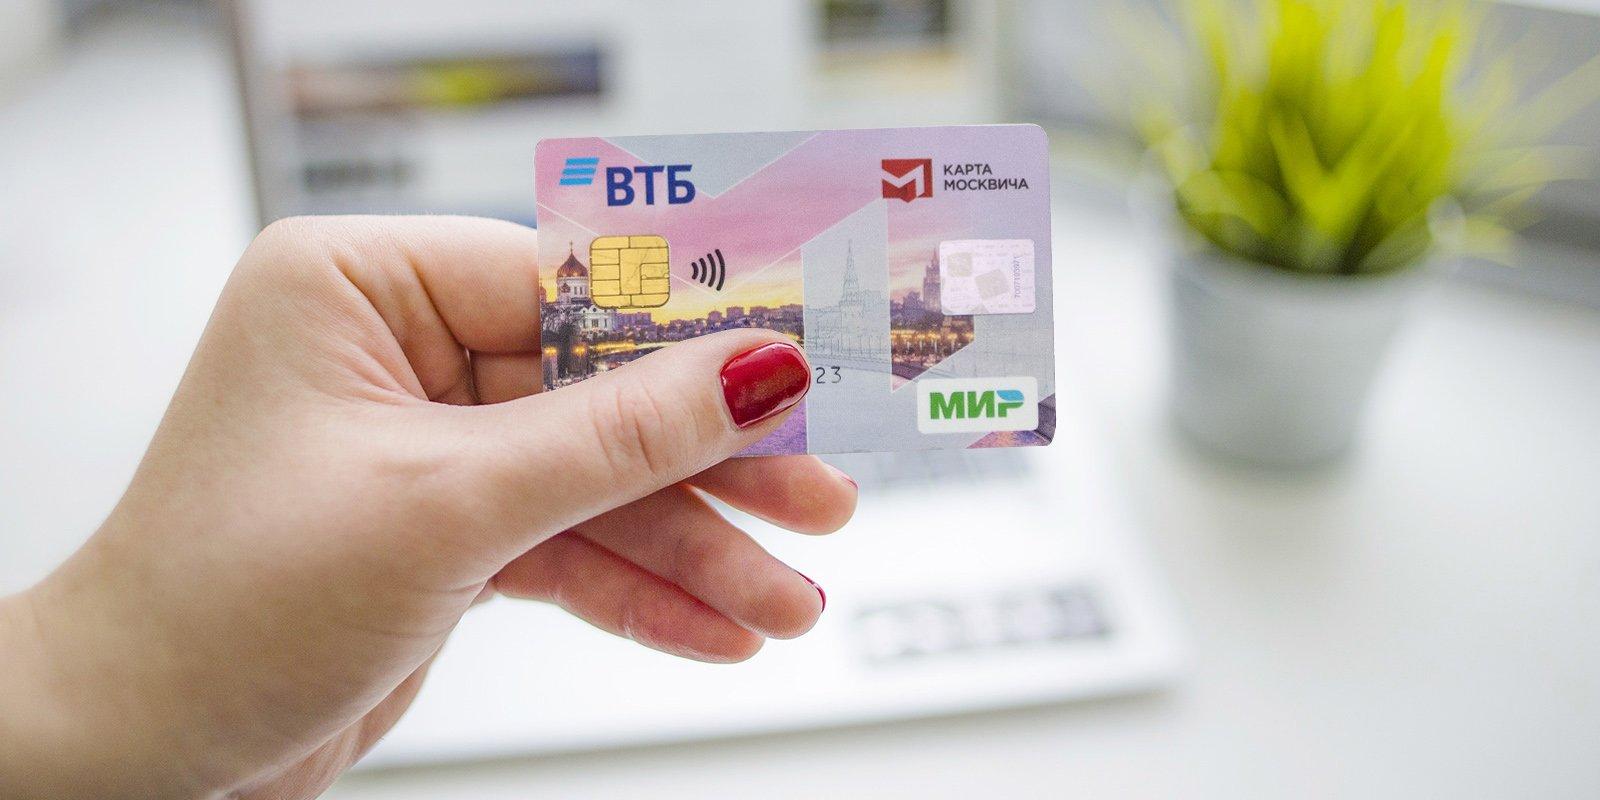 Когда можно получить карту москвича в предпенсионном возрасте липецк банк зенит вклад пенсионный